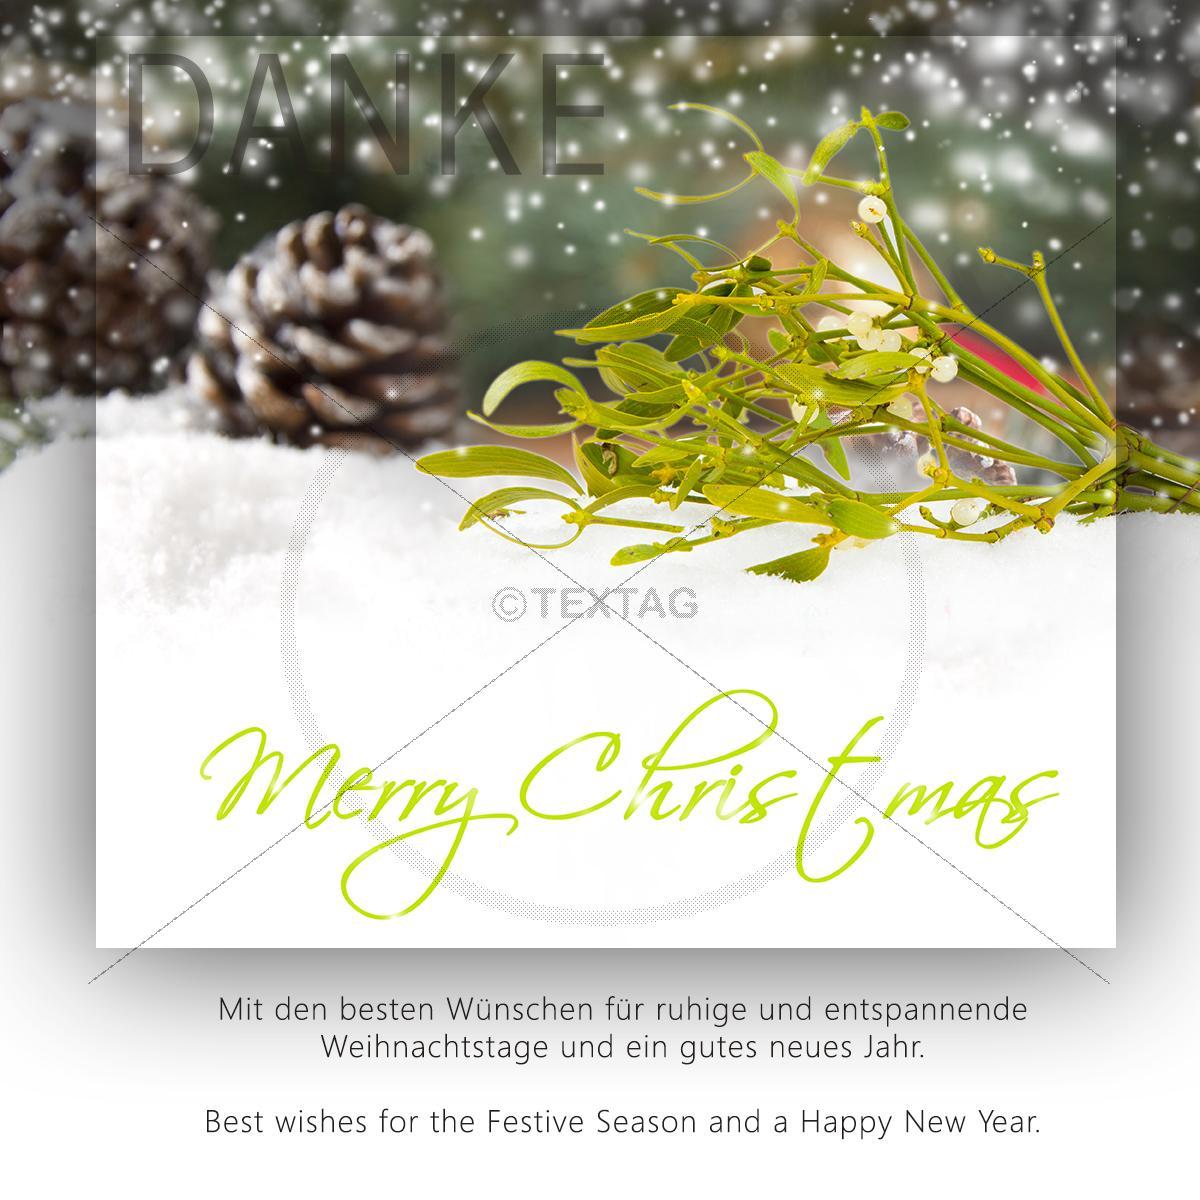 gesch ftliche weihnachts e card mit mistelzweig mit spruch. Black Bedroom Furniture Sets. Home Design Ideas